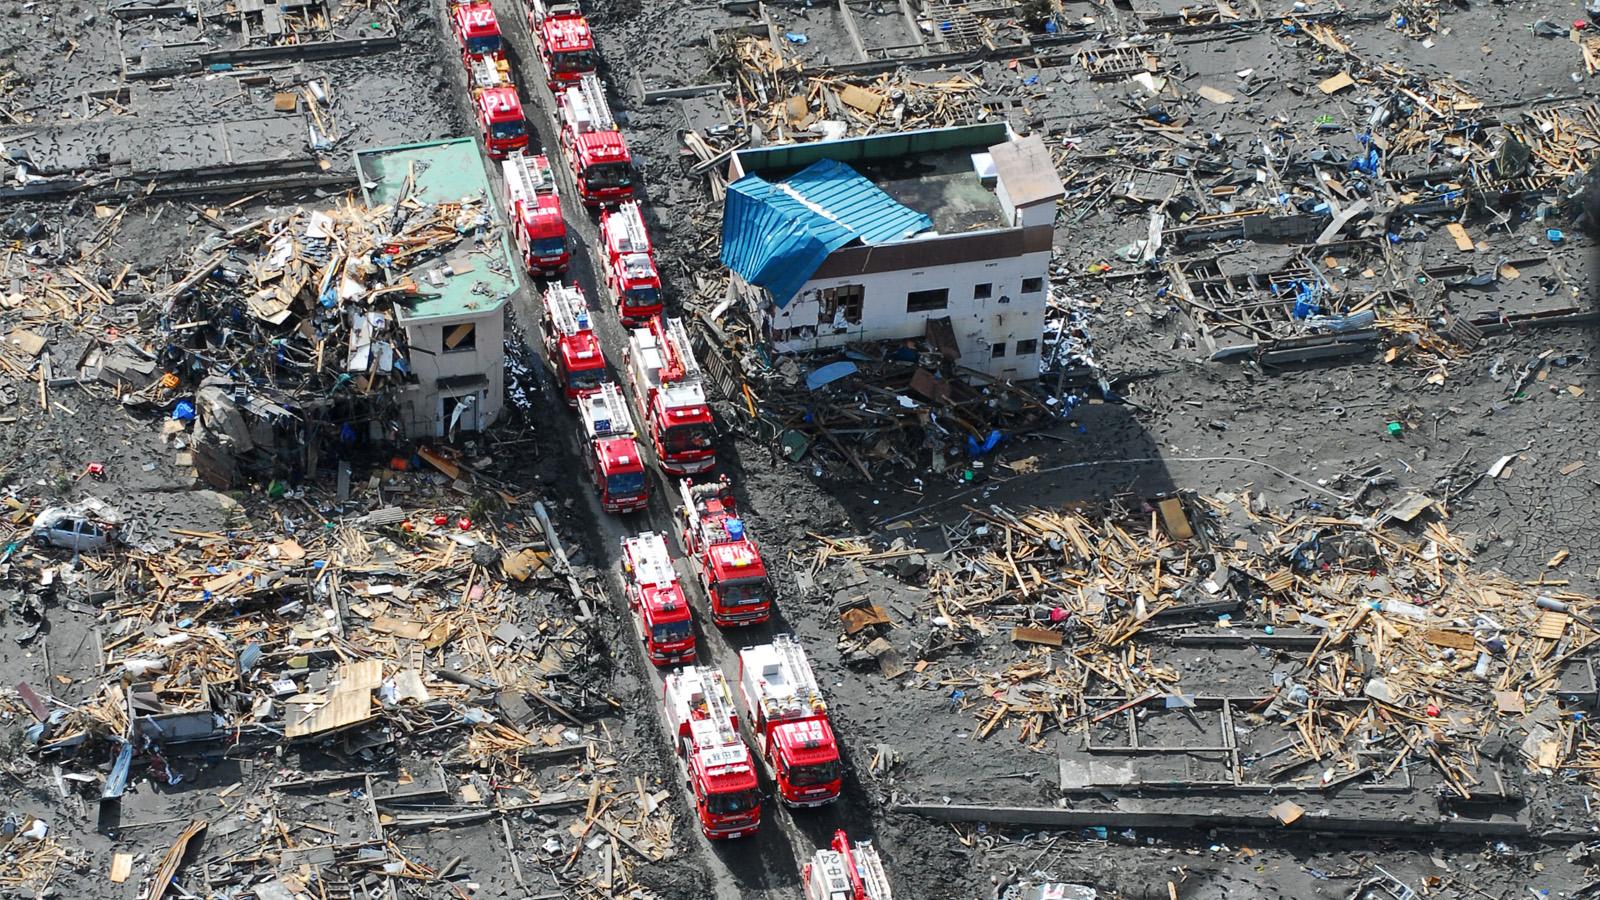 Διδάγματα από τον μεγάλο σεισμό στην Ιαπωνία 10 χρόνια μετά